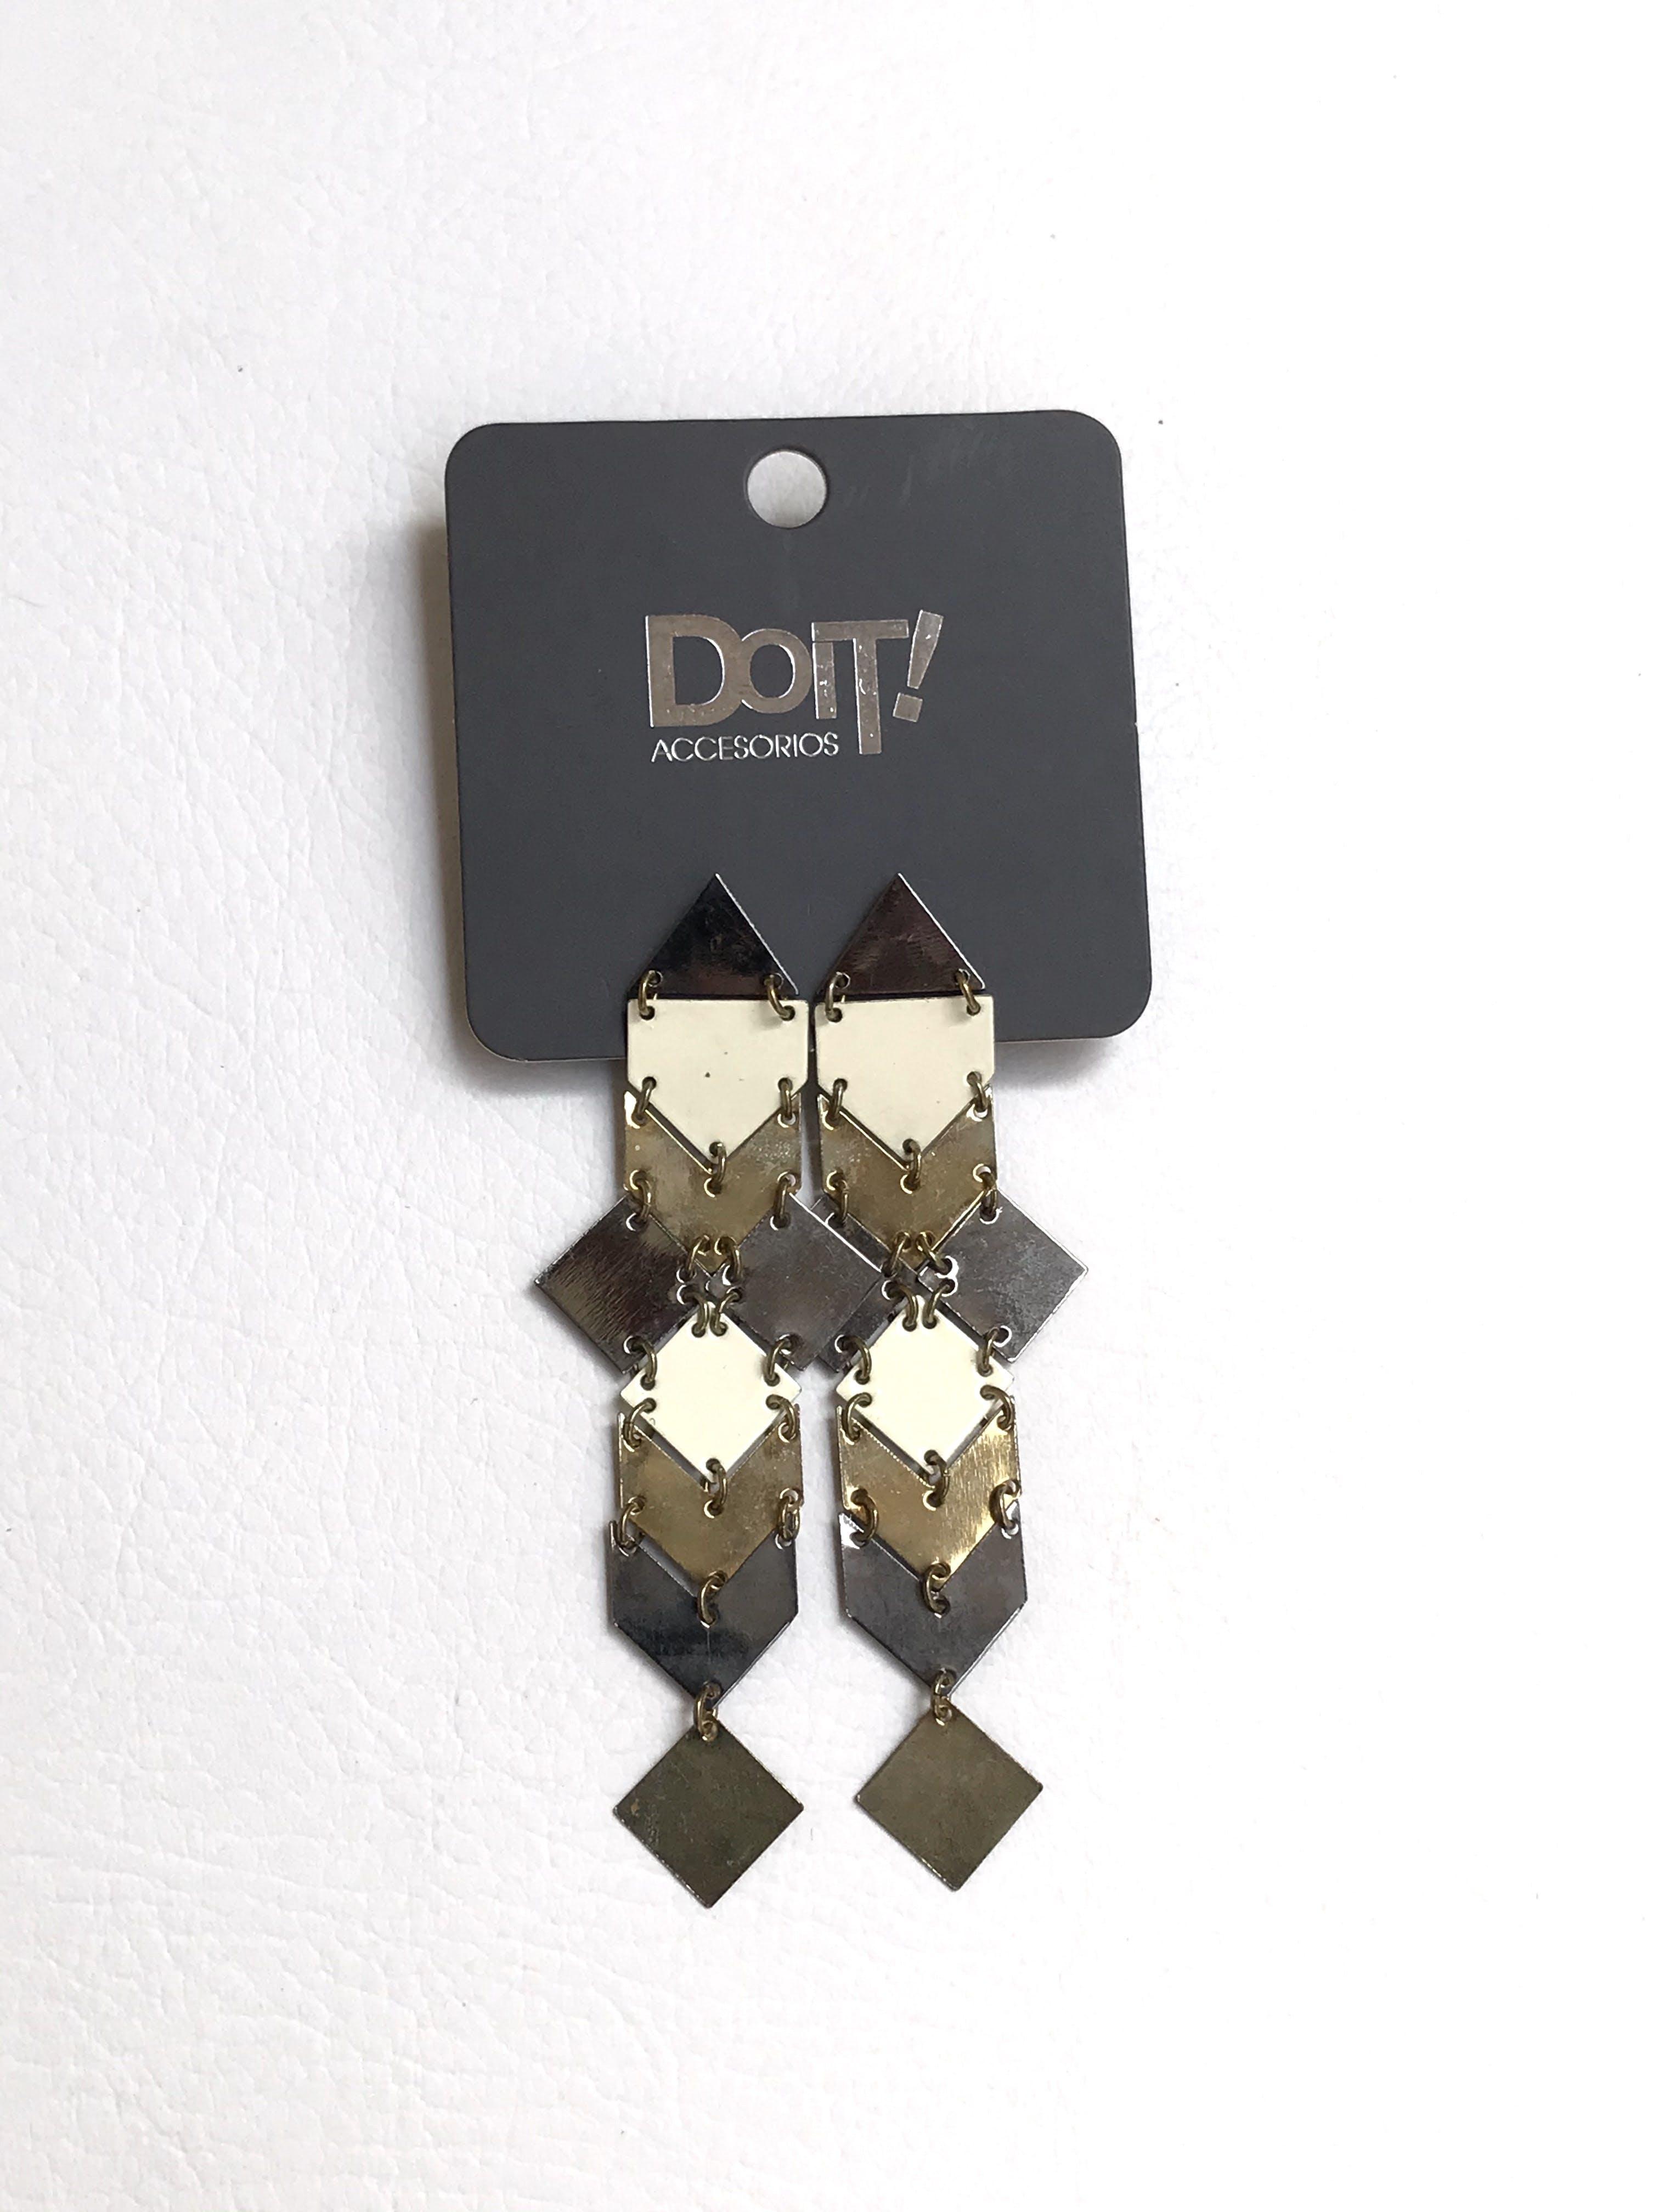 Aretes de plaquitas geométricas en tono dorado plateado y crema. Largo 10cm